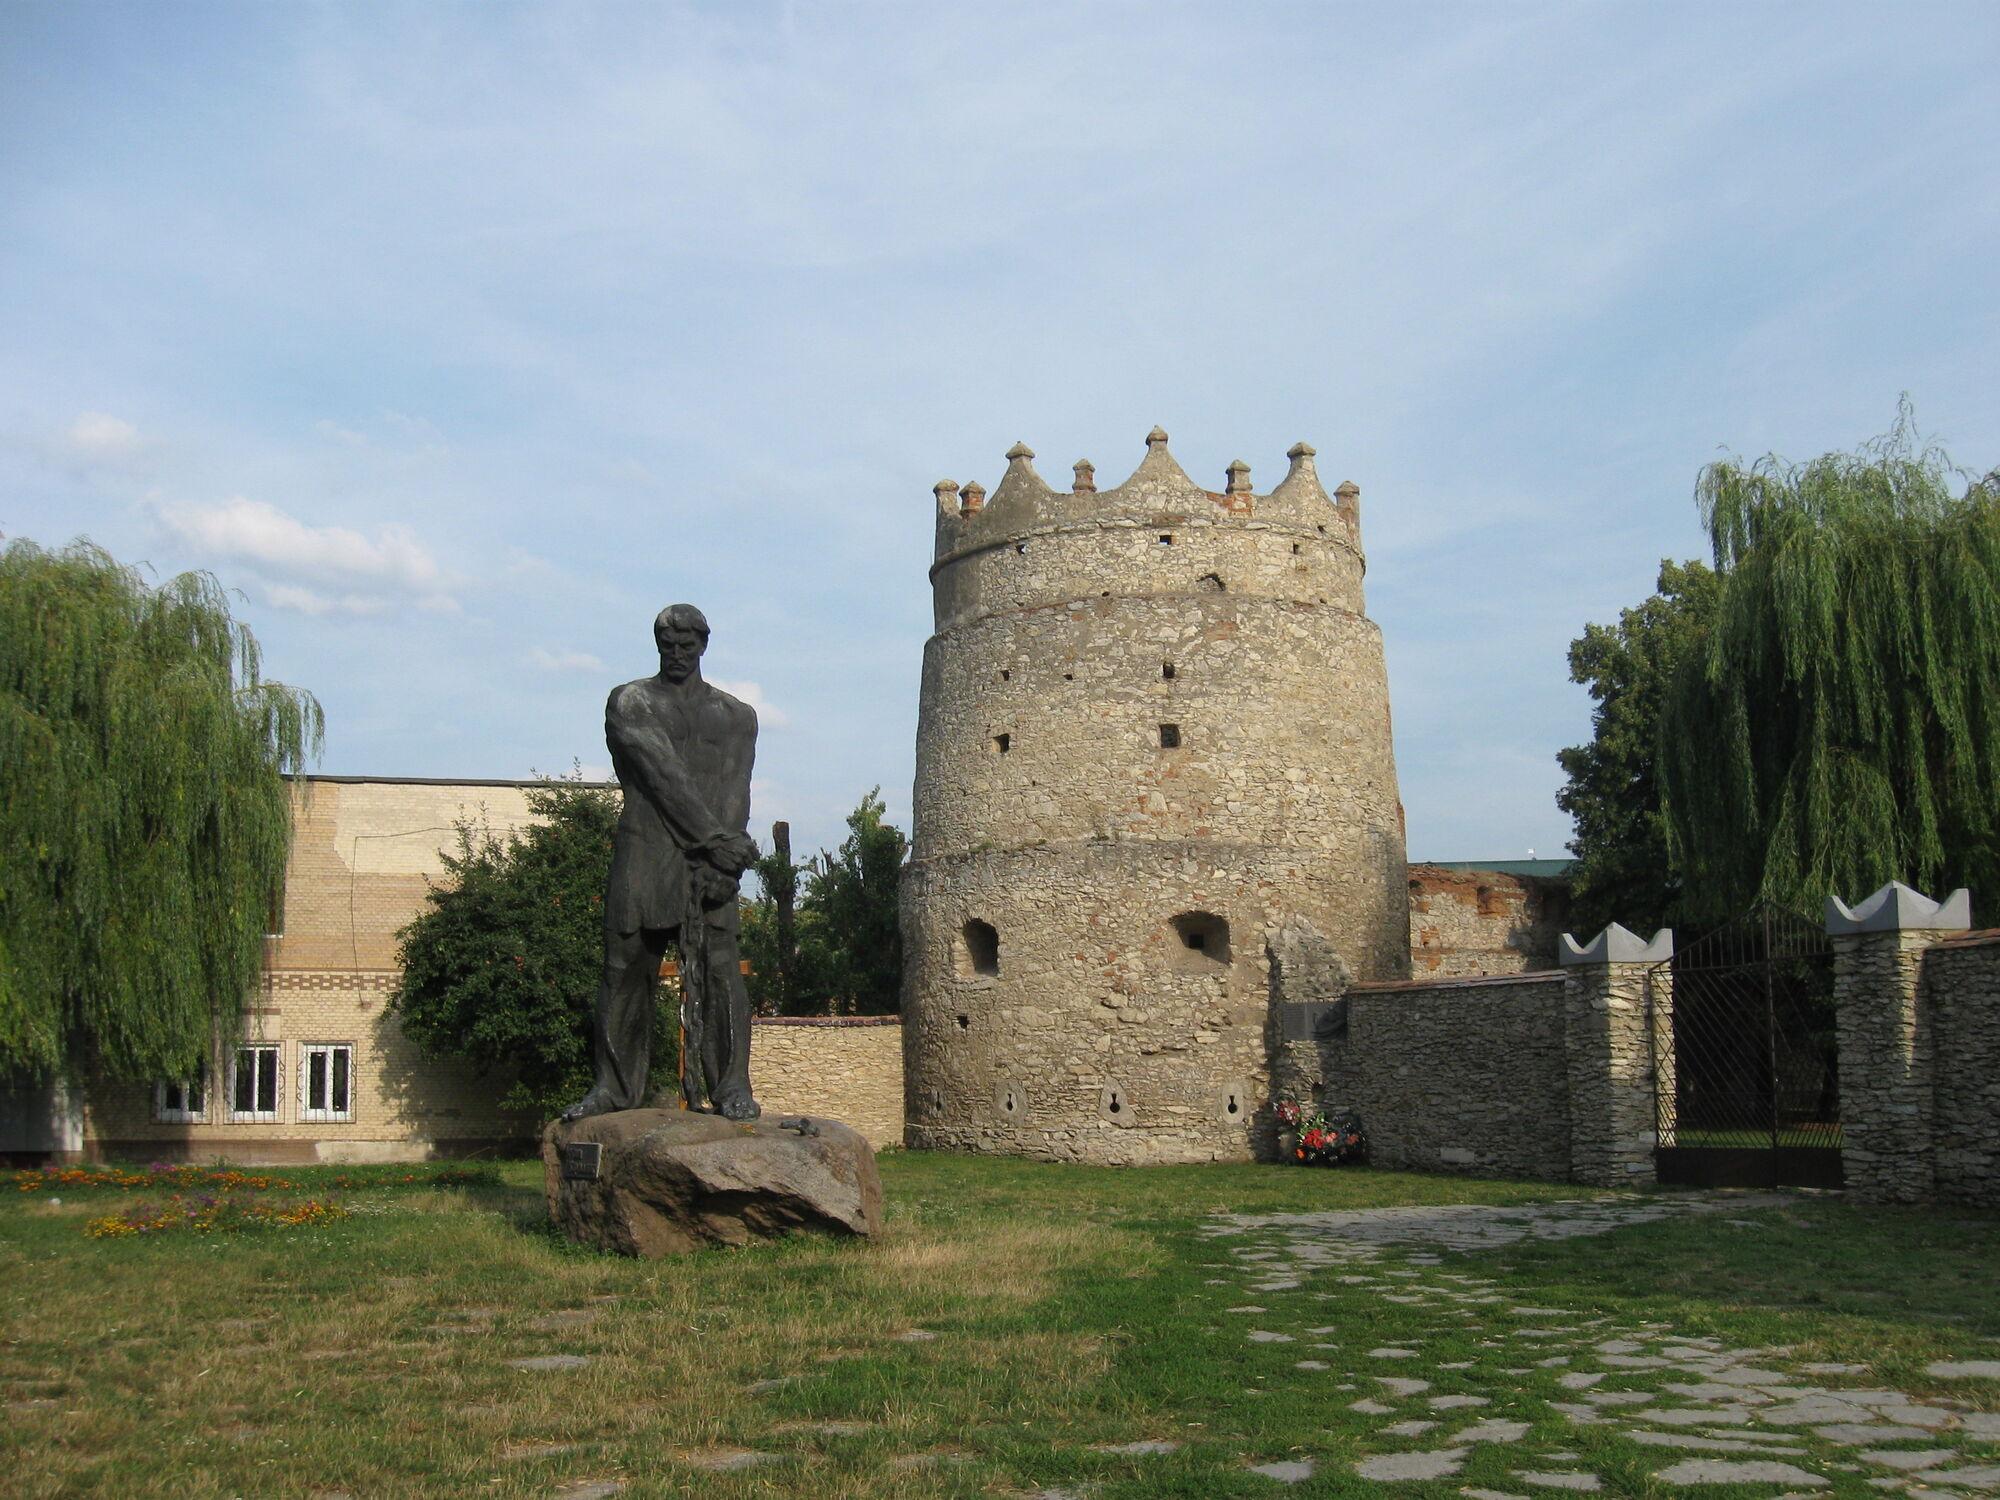 Летичевская башня с пятиметровой статуей повстанца Устима Кармелюка